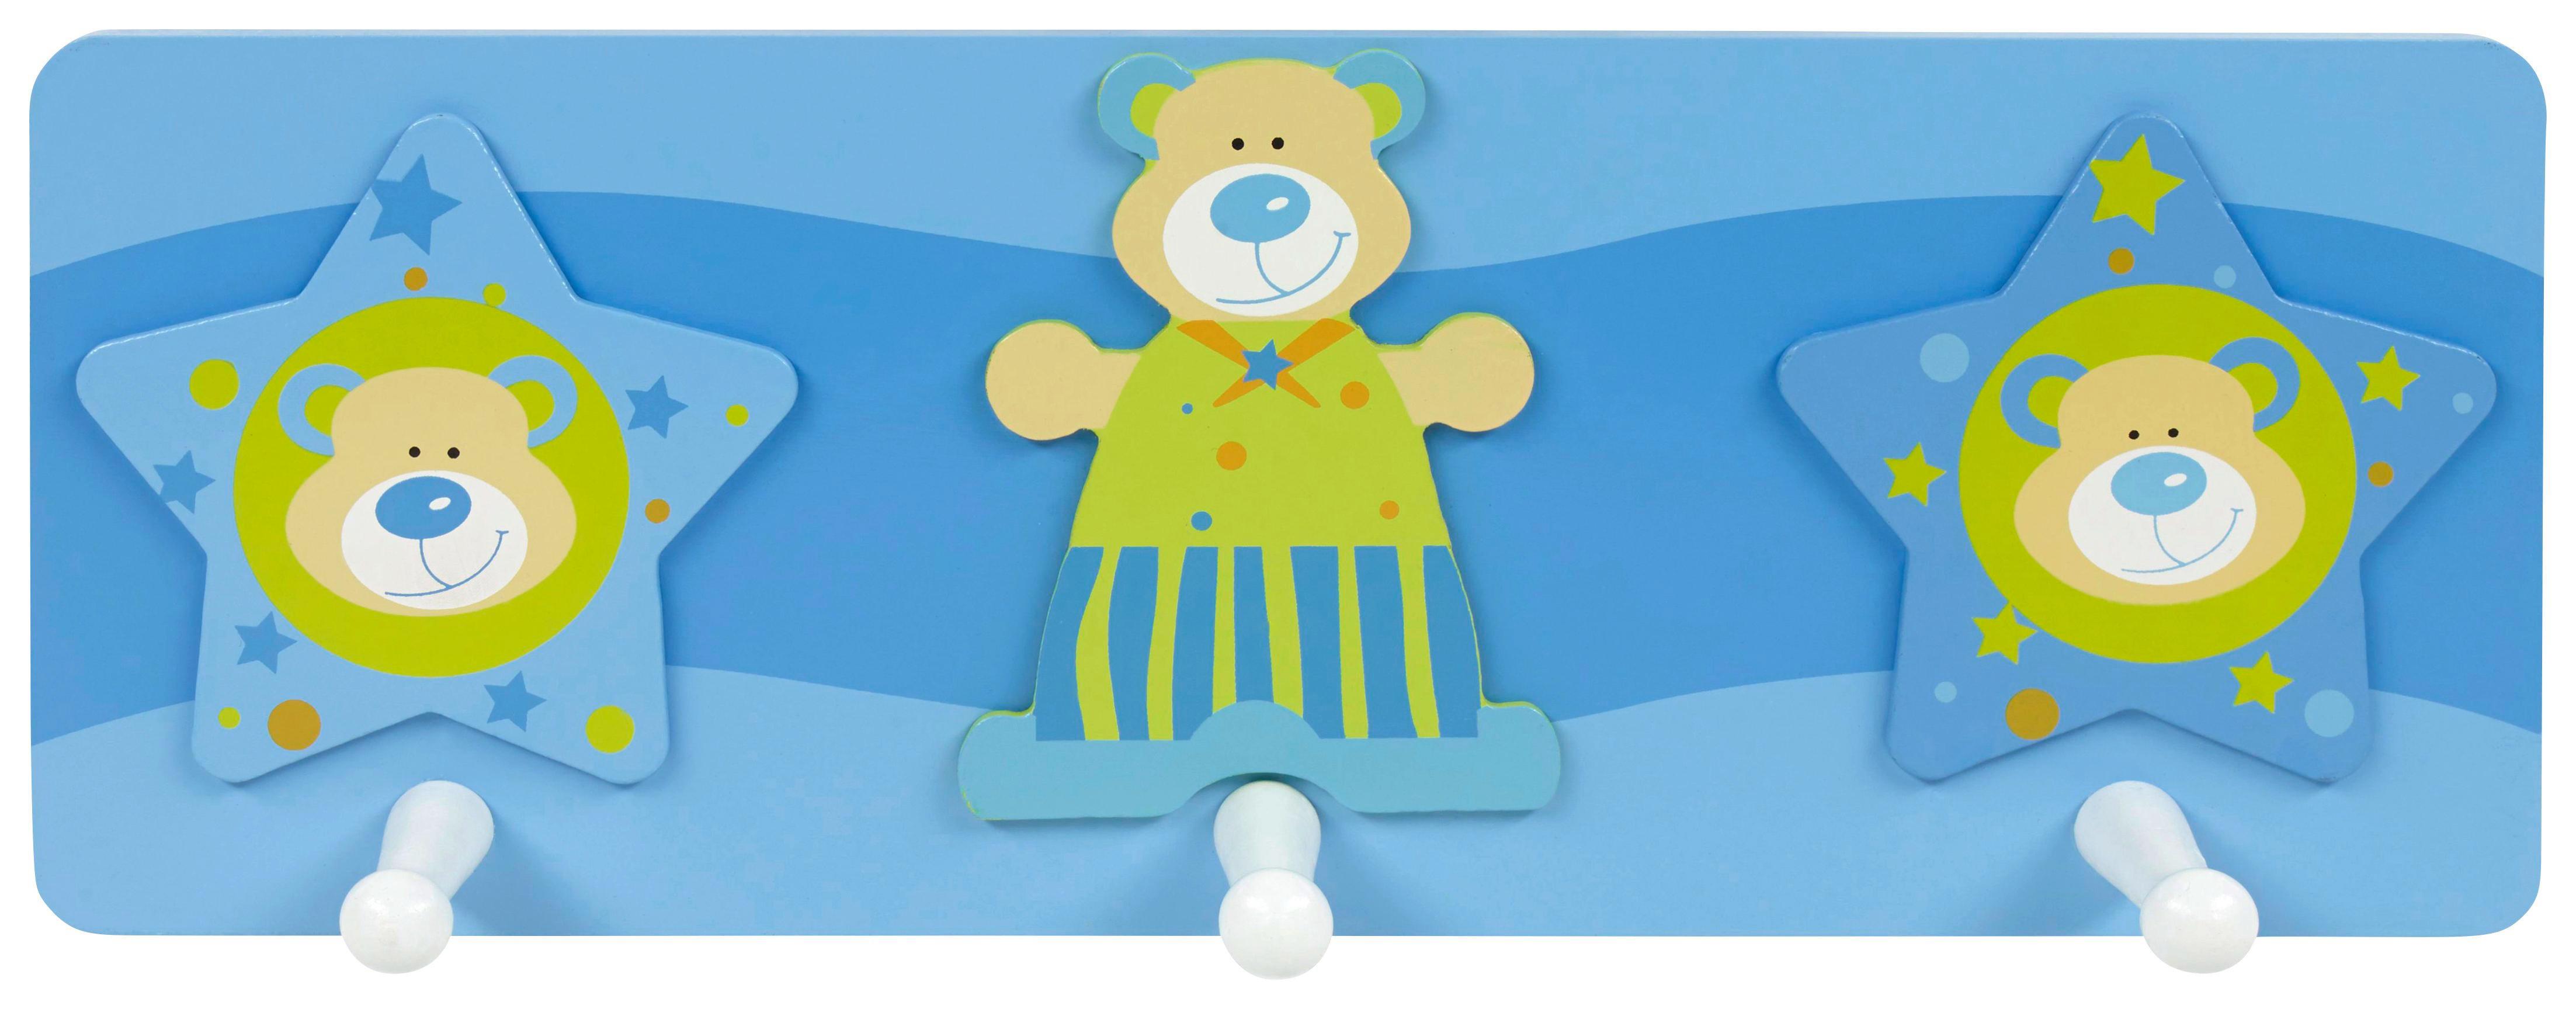 GARDEROBA ZIDNA - bijela/plava, Basics, drvni materijal/drvo (13/35cm) - MY BABY LOU